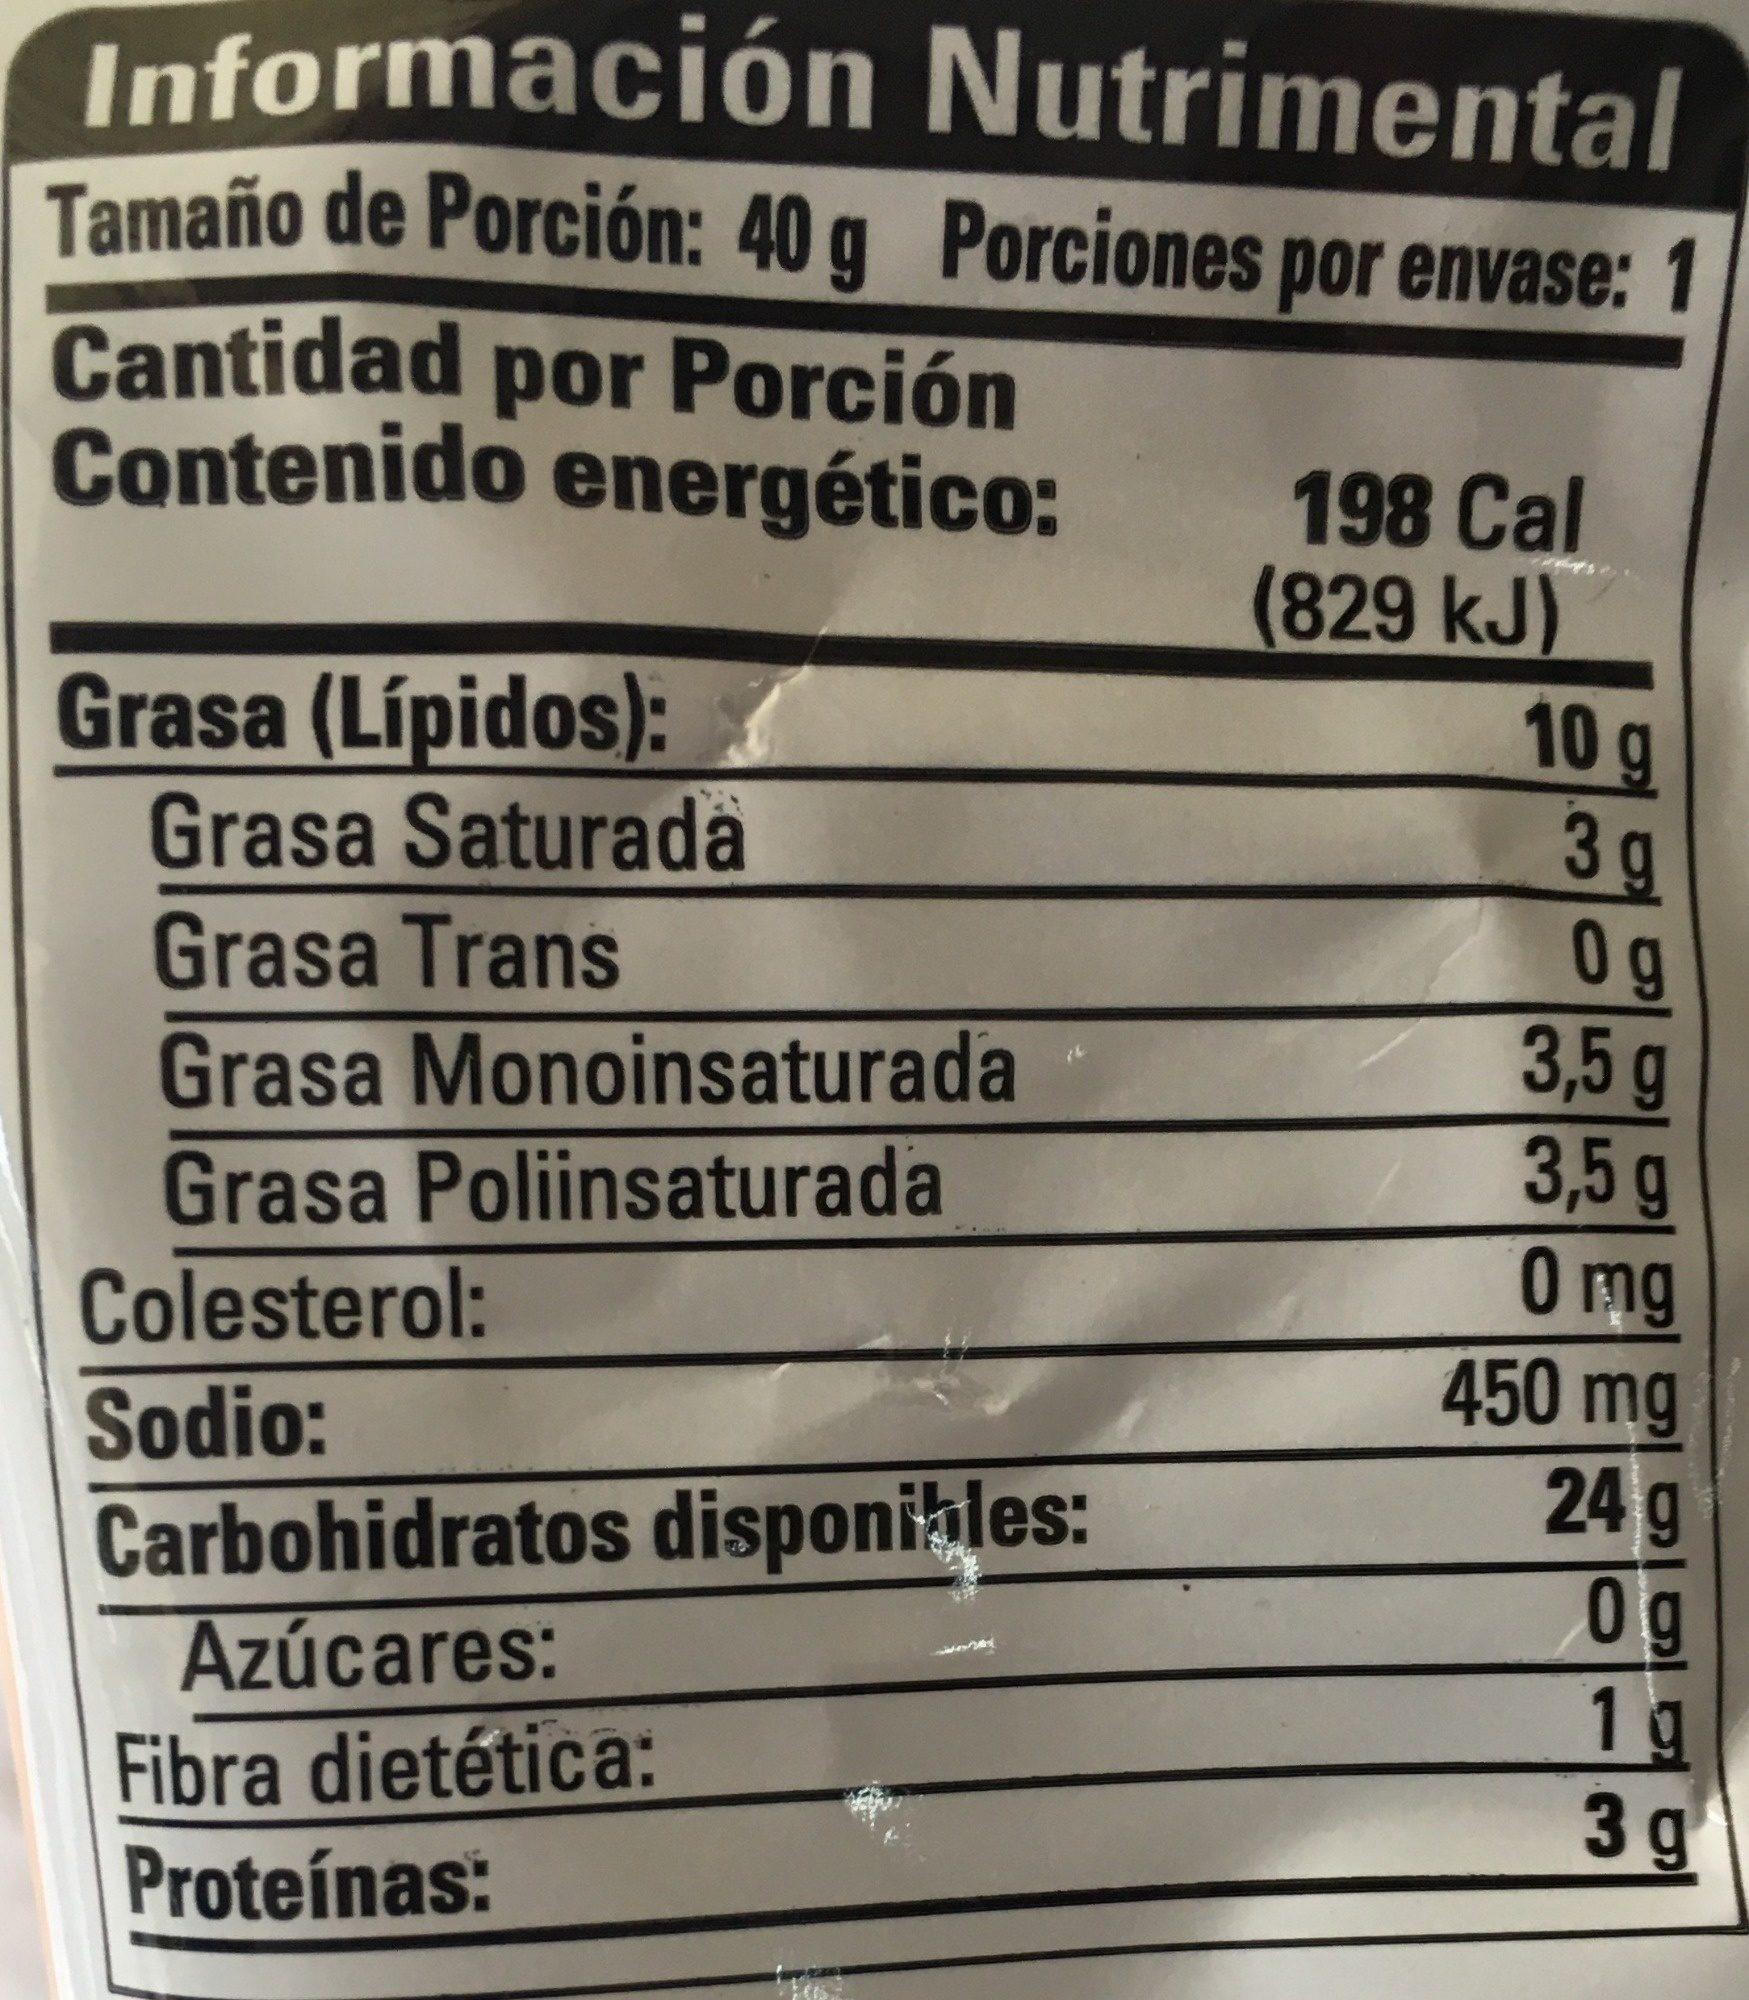 Papas Toreadas sabor Chile Habanero - Nutrition facts - es